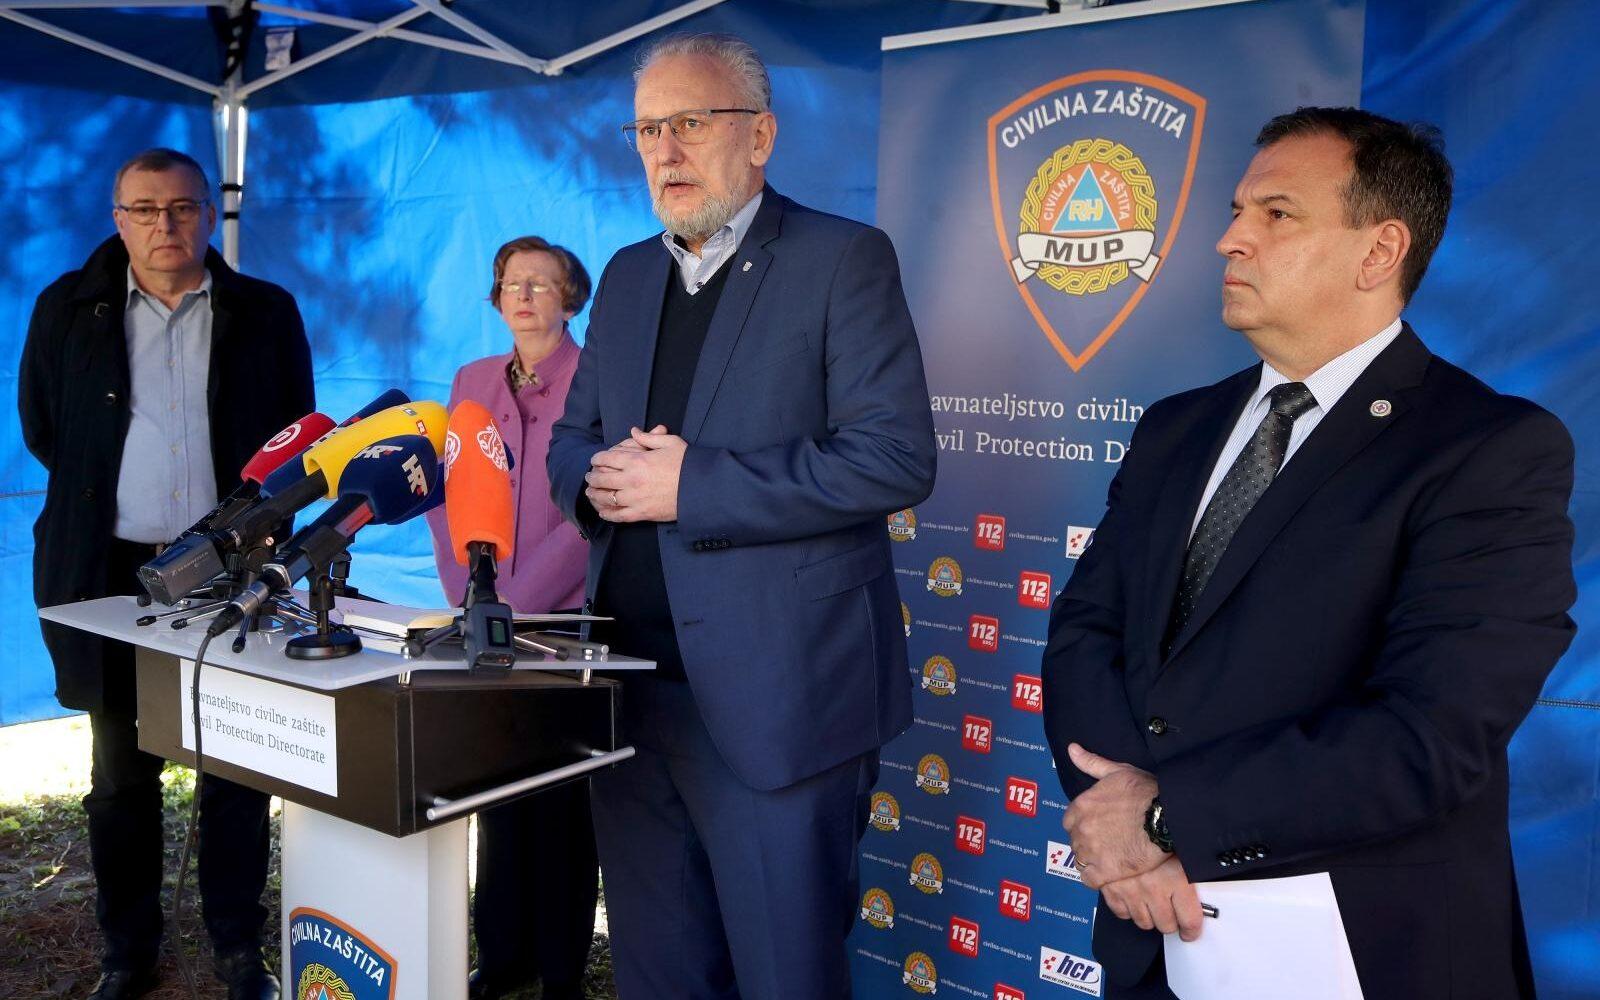 Plenković najavio: Stožer civilne zaštite dobit će nove i veće ...